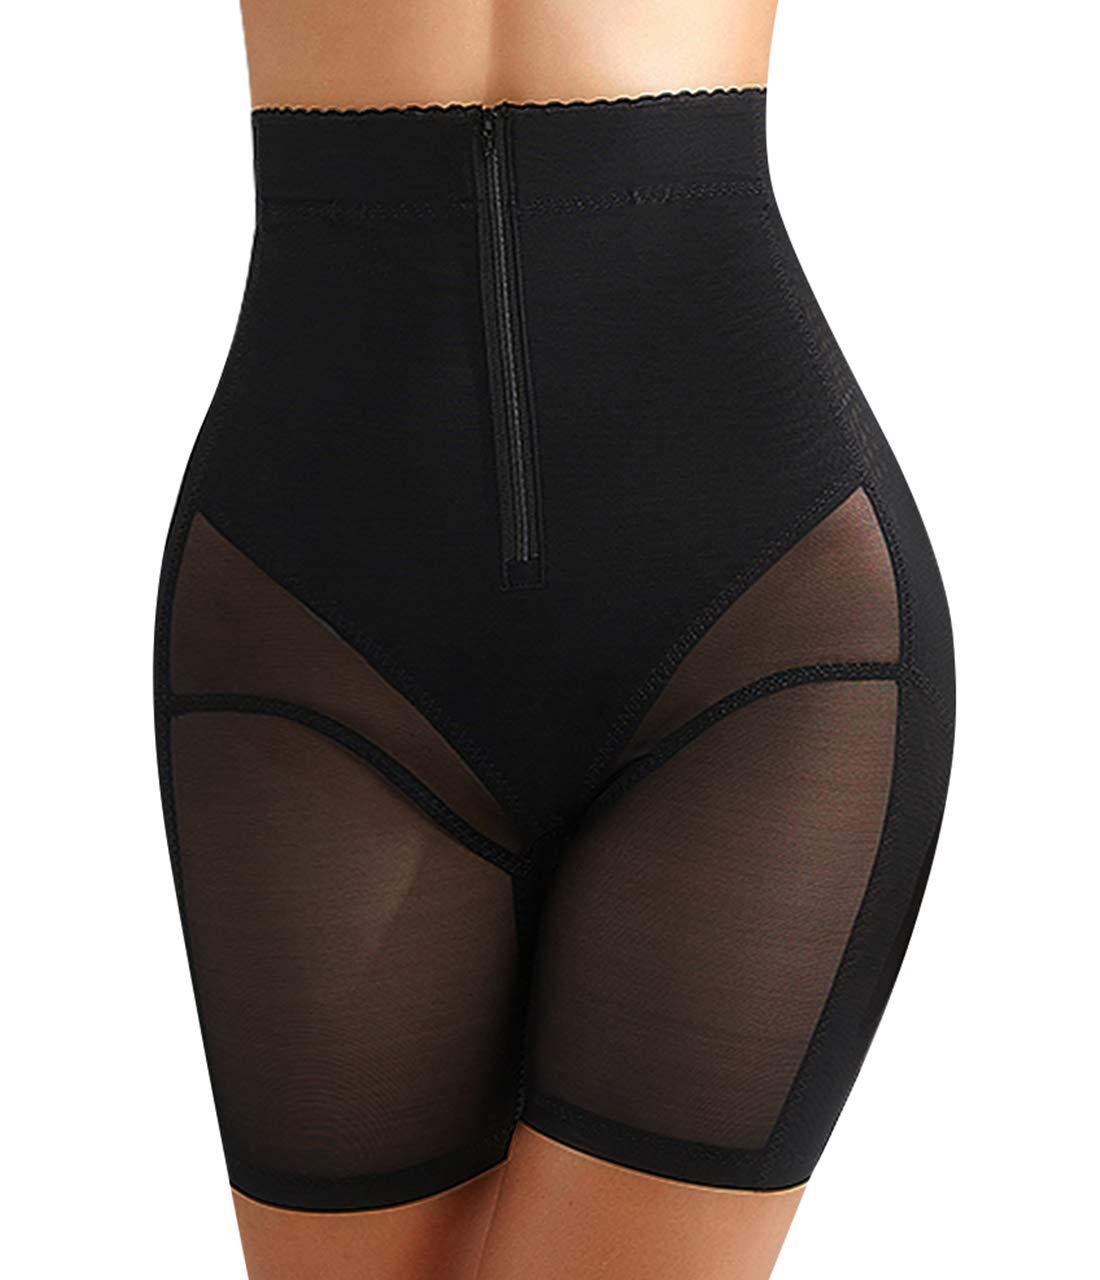 Womens Shapewear Tummy Control Panties Body Shaper High Waist Butt Lifter Short Thigh Slimmers